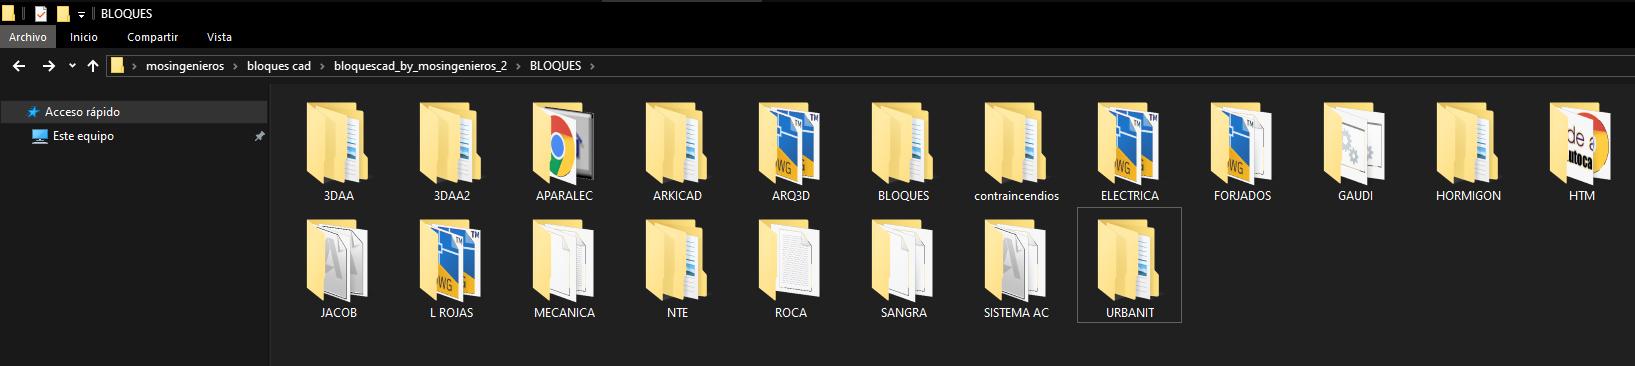 Dateien blockieren 1